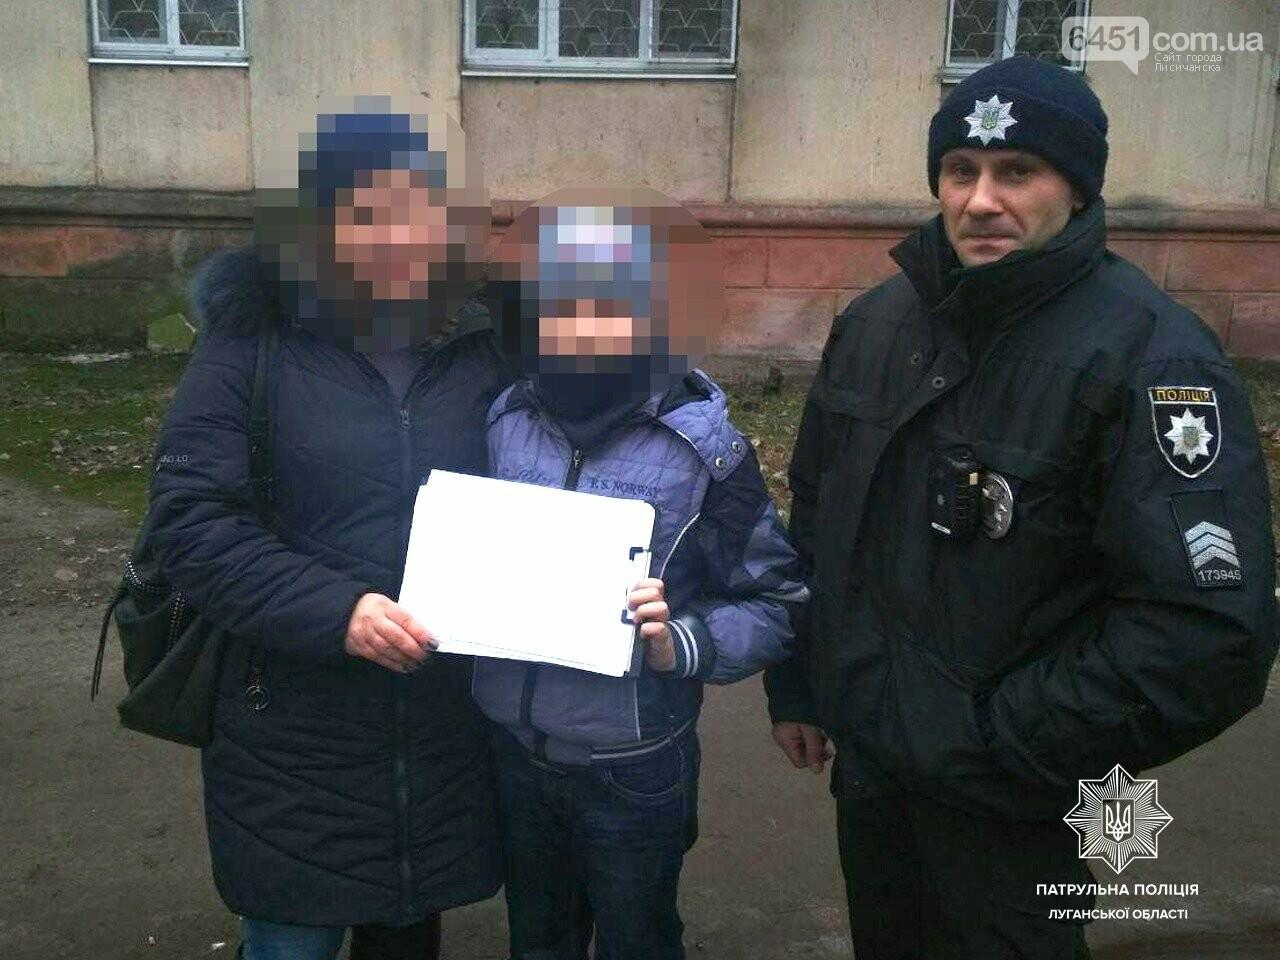 Патрульная полиция Северодонецка разыскала 11 летнего беглеца из дома, фото-1